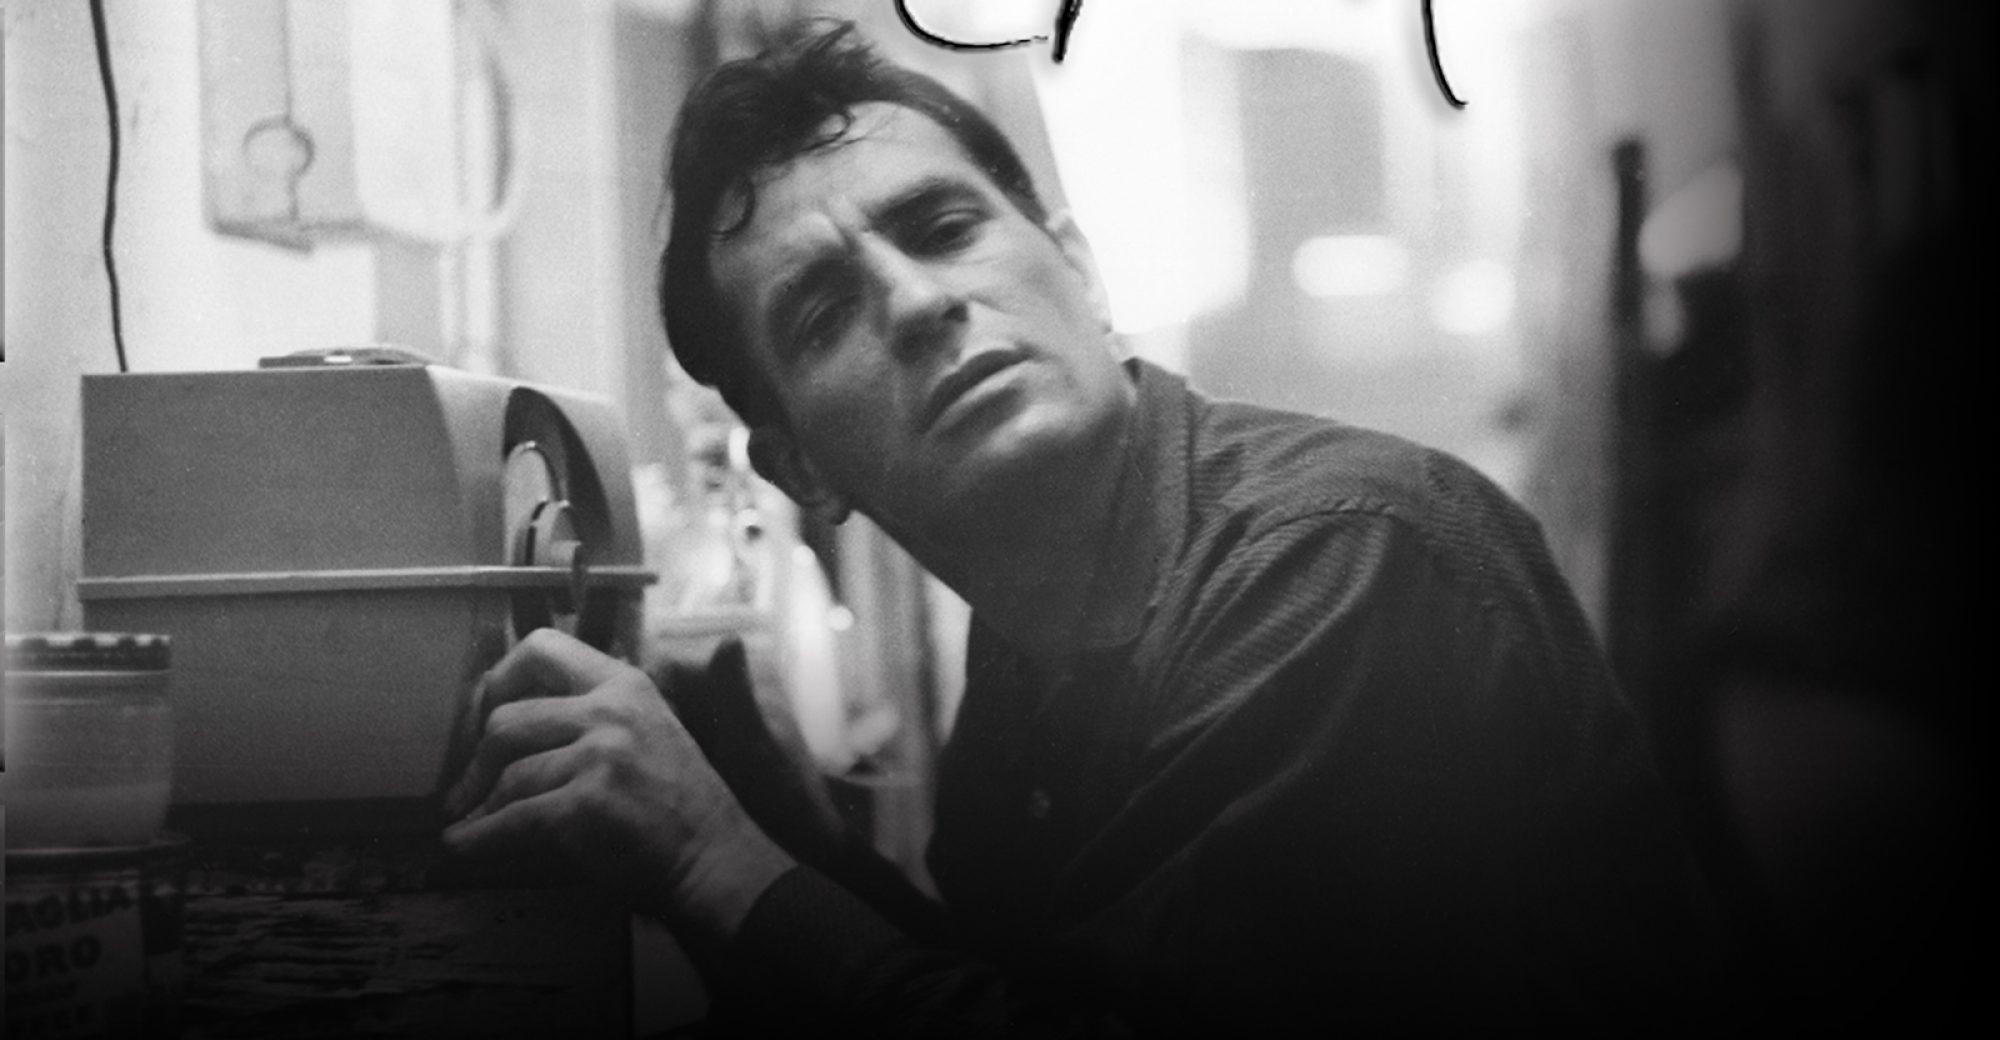 Tornare a danzare per la strada come pazzi, come Kerouac 1